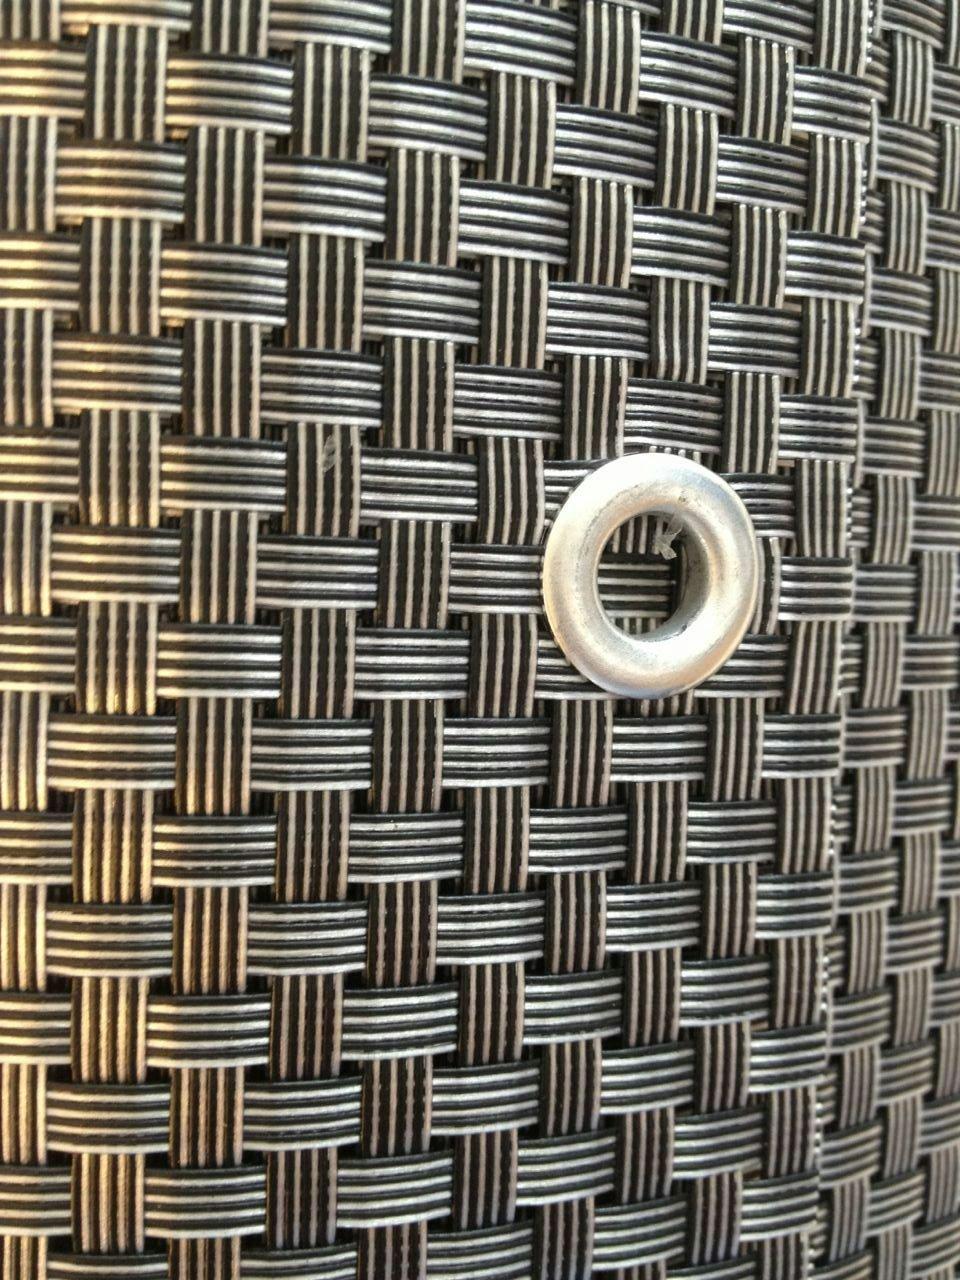 Balcony Privacy Wind Shield Copper copper  Smart Decorative Rattan 200x90cm Balcony and Garden Privacy Screen